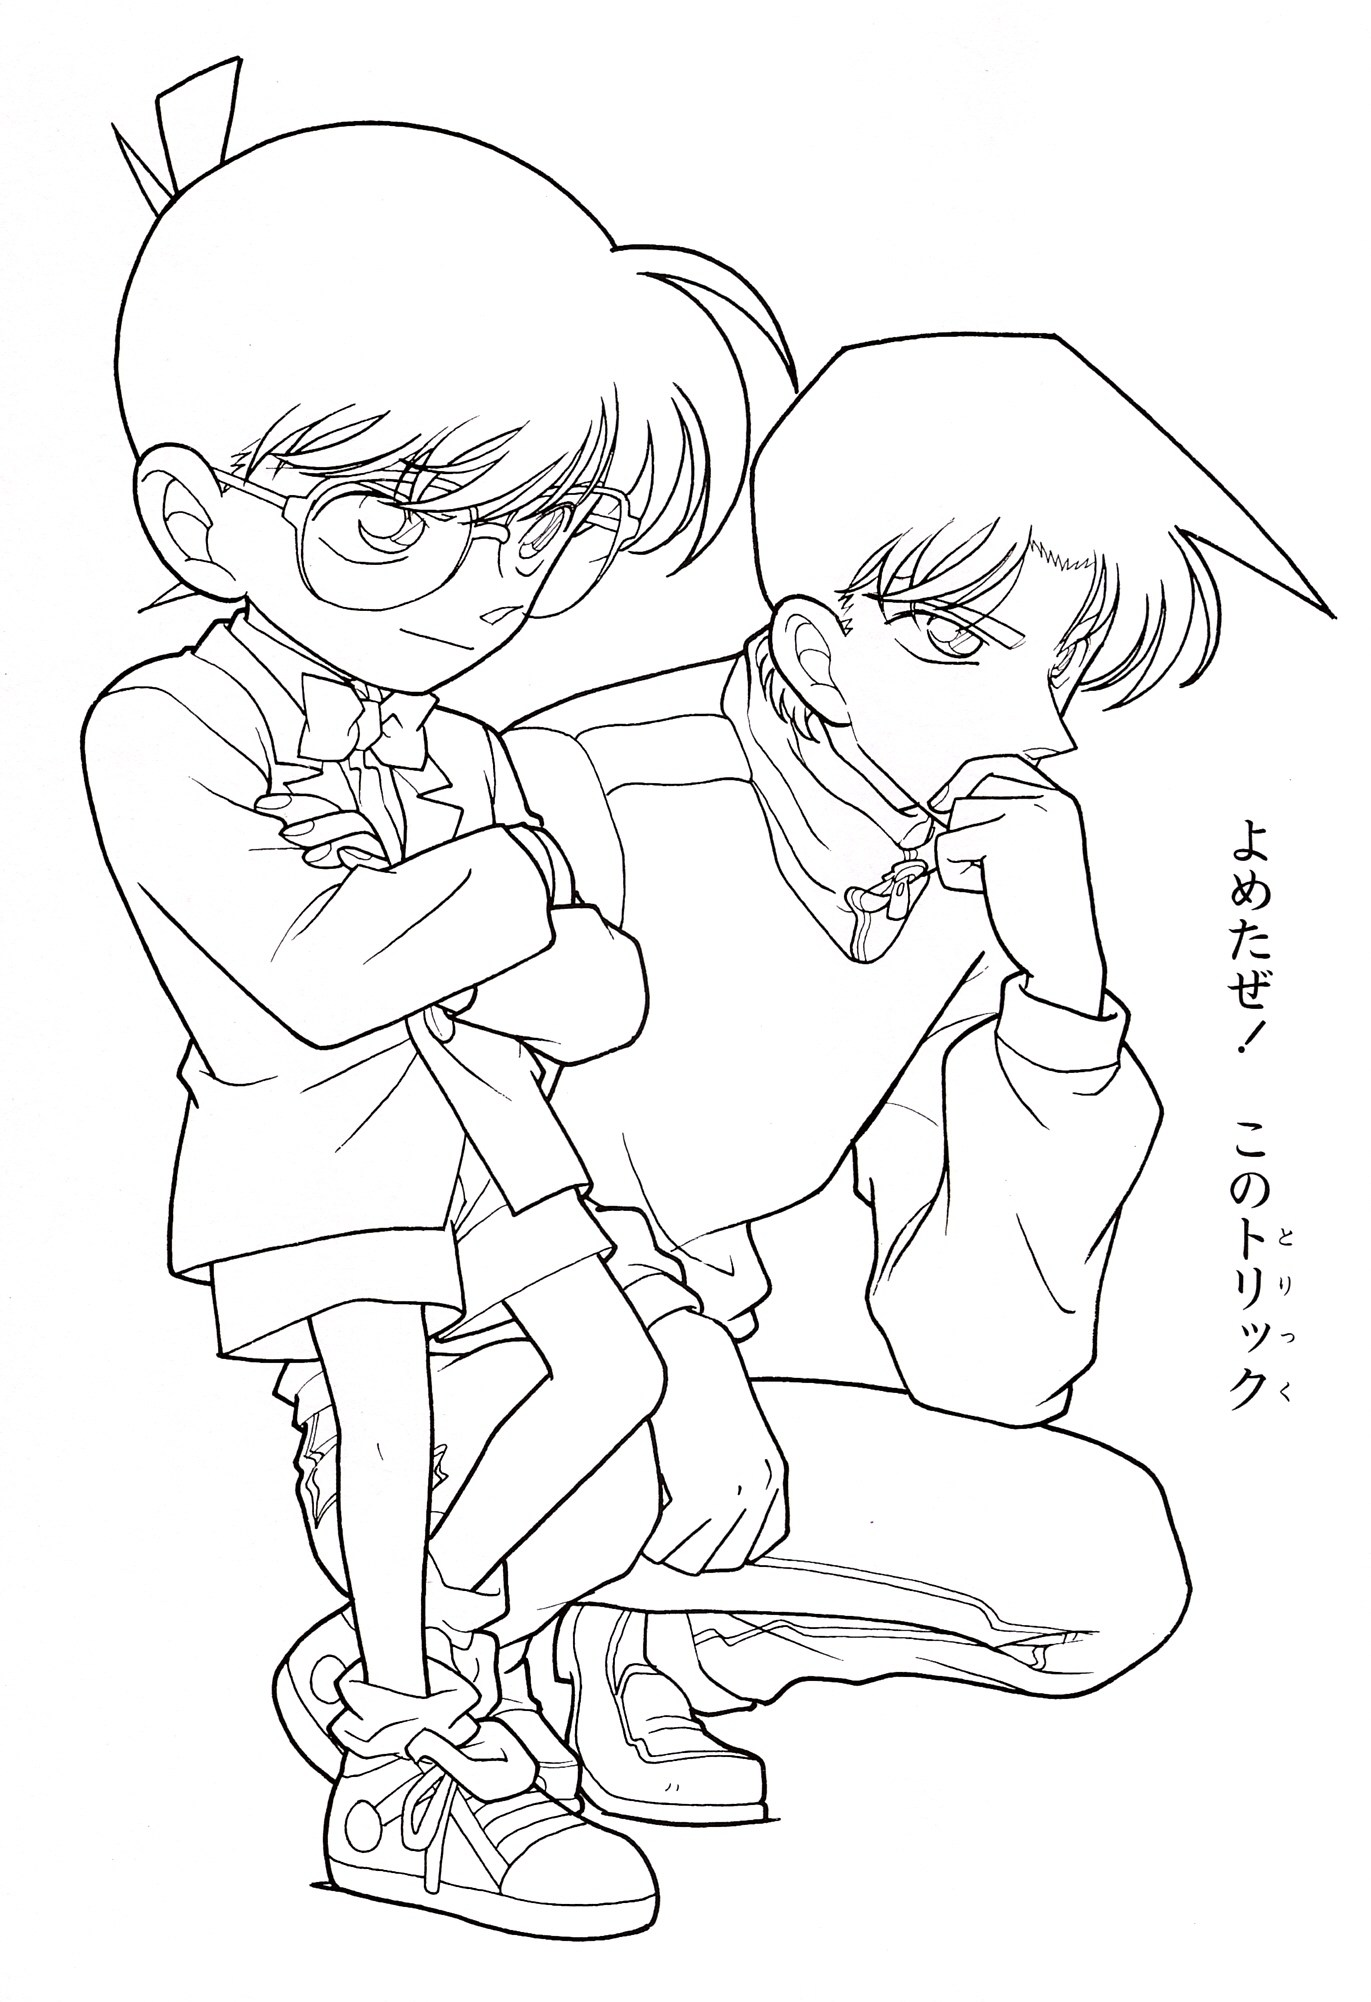 Conan coloring #14, Download drawings